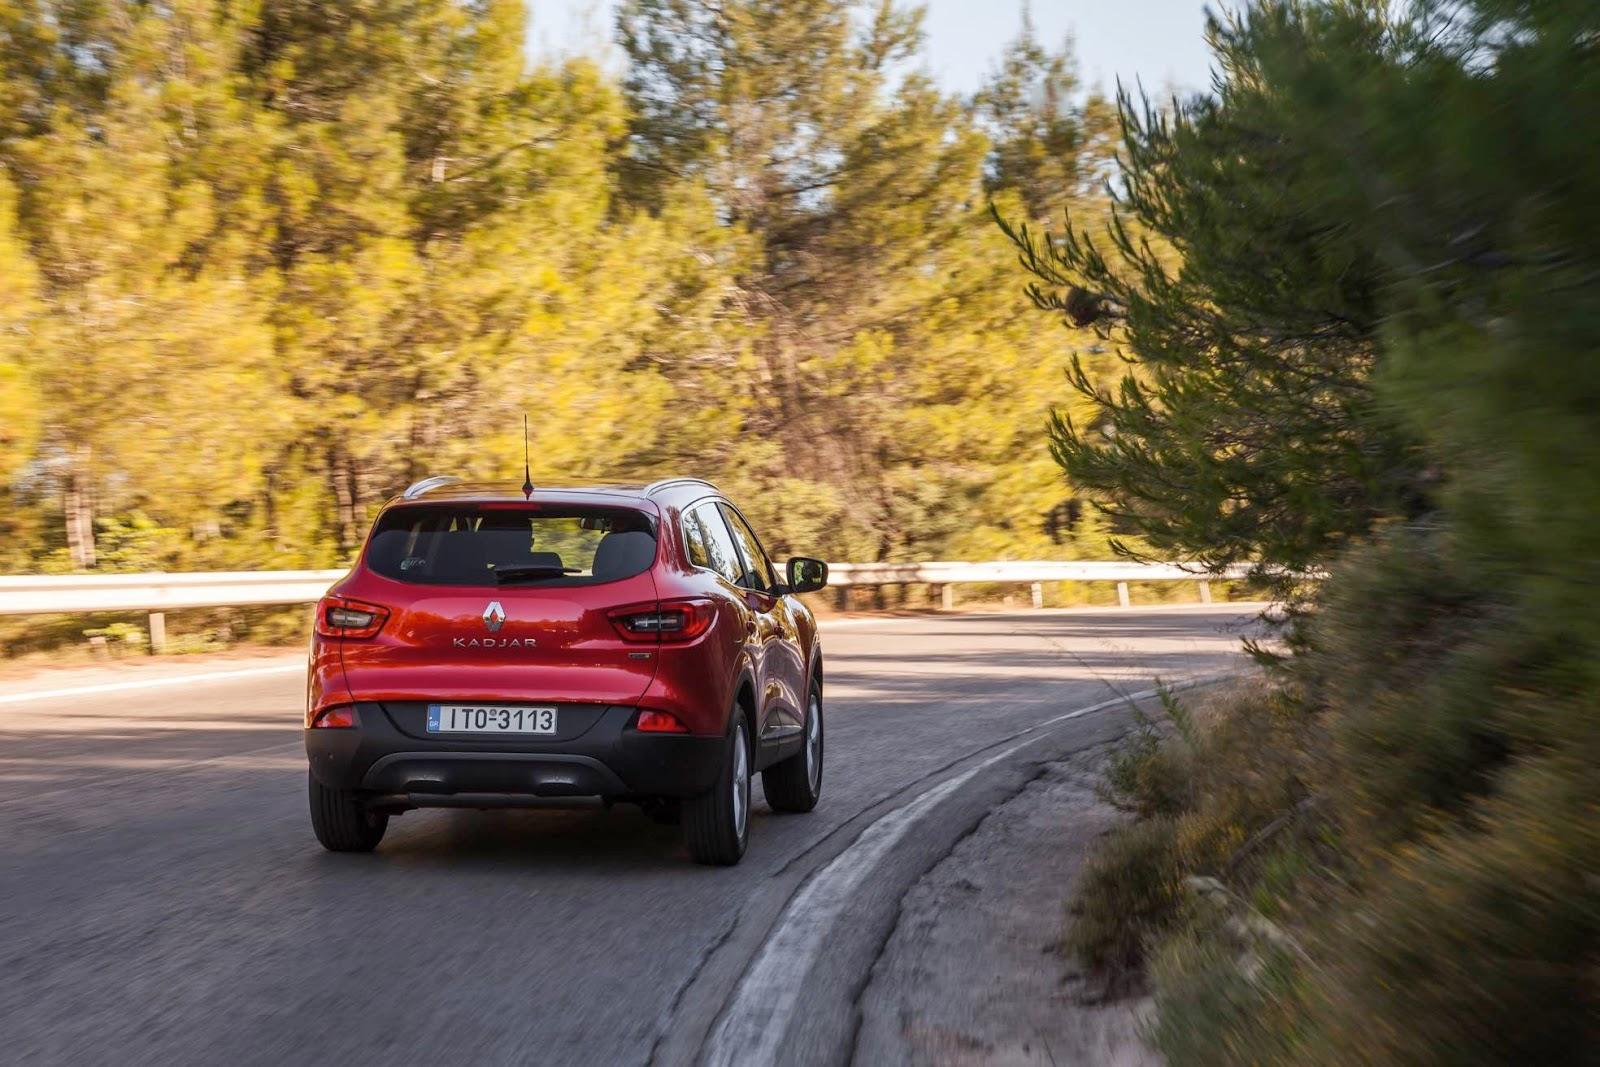 IMG 9876 Το Renault Kadjar ξεκινά την εμπορική του πορεία από 20.850 ευρώ Renault, Renault Kadjar, SUV